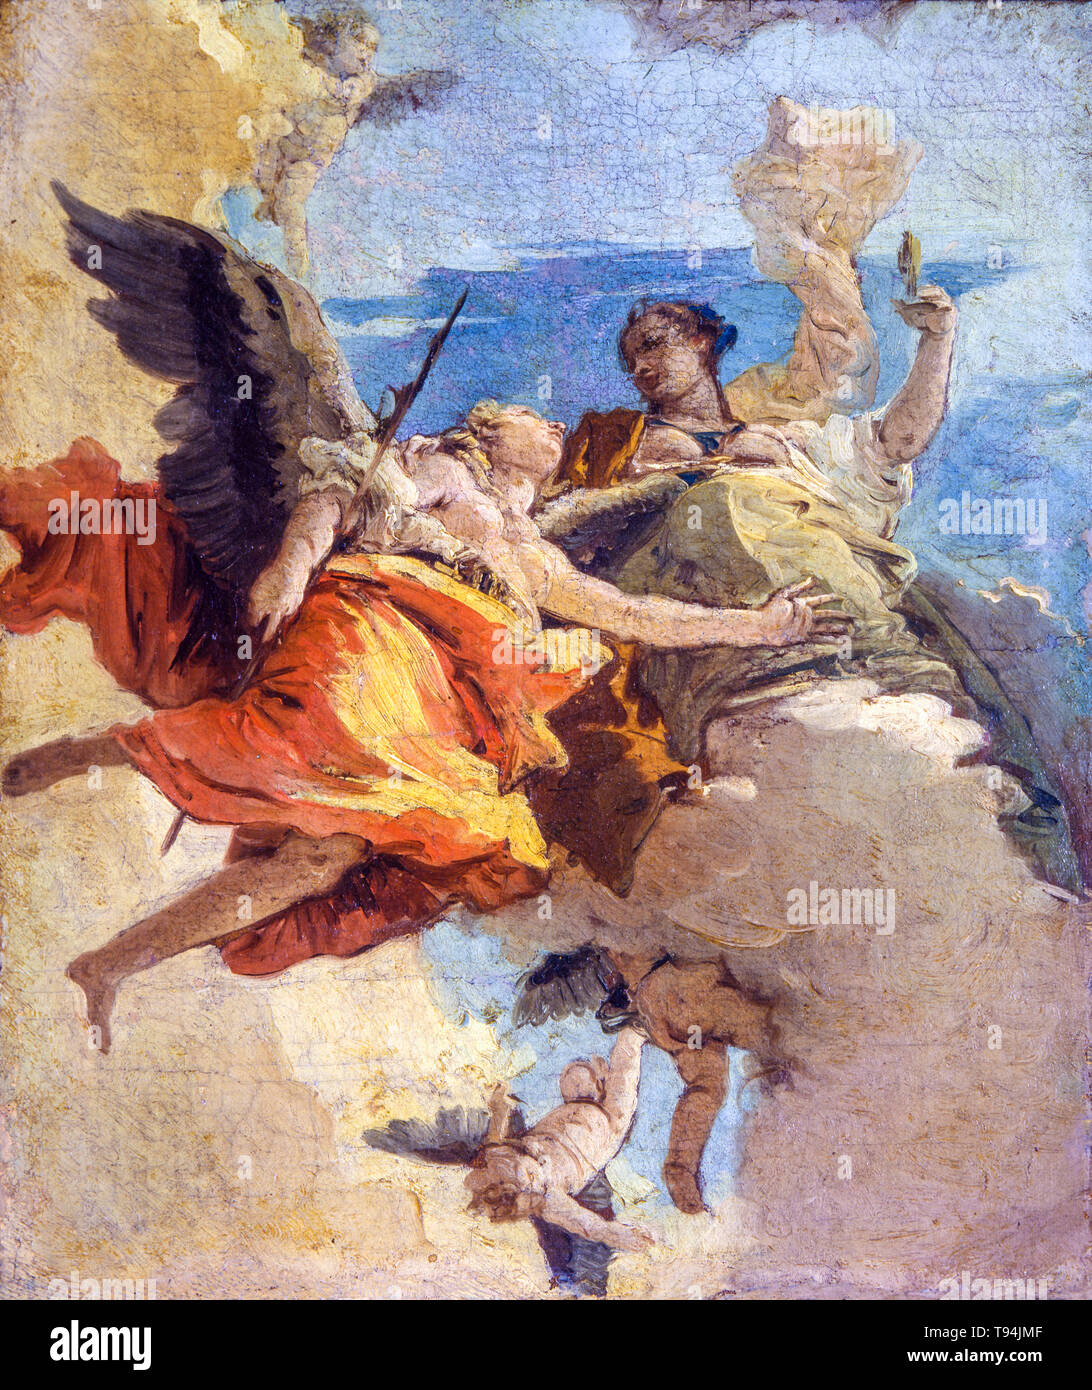 Giovanni Battista Tiepolo, allegoria della virtù e della nobiltà, pittura, c. 1740 Immagini Stock